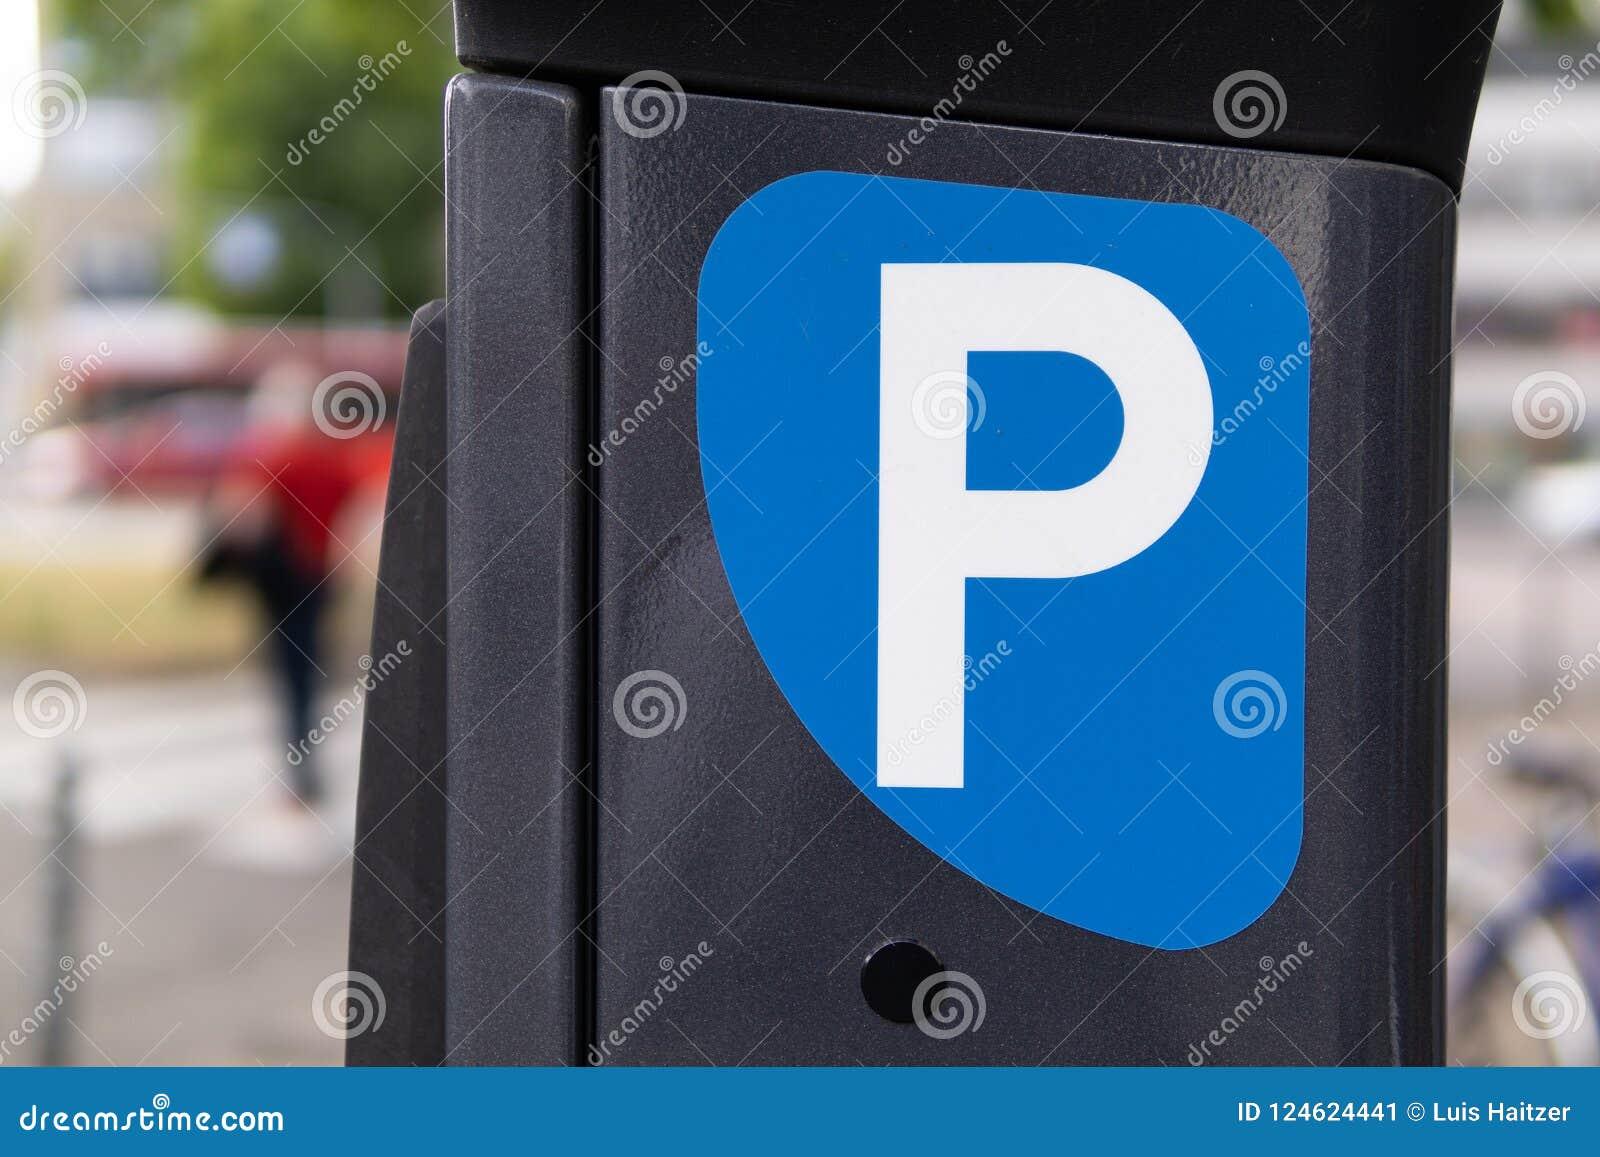 Машина штрафа за нарушение правил стоянки